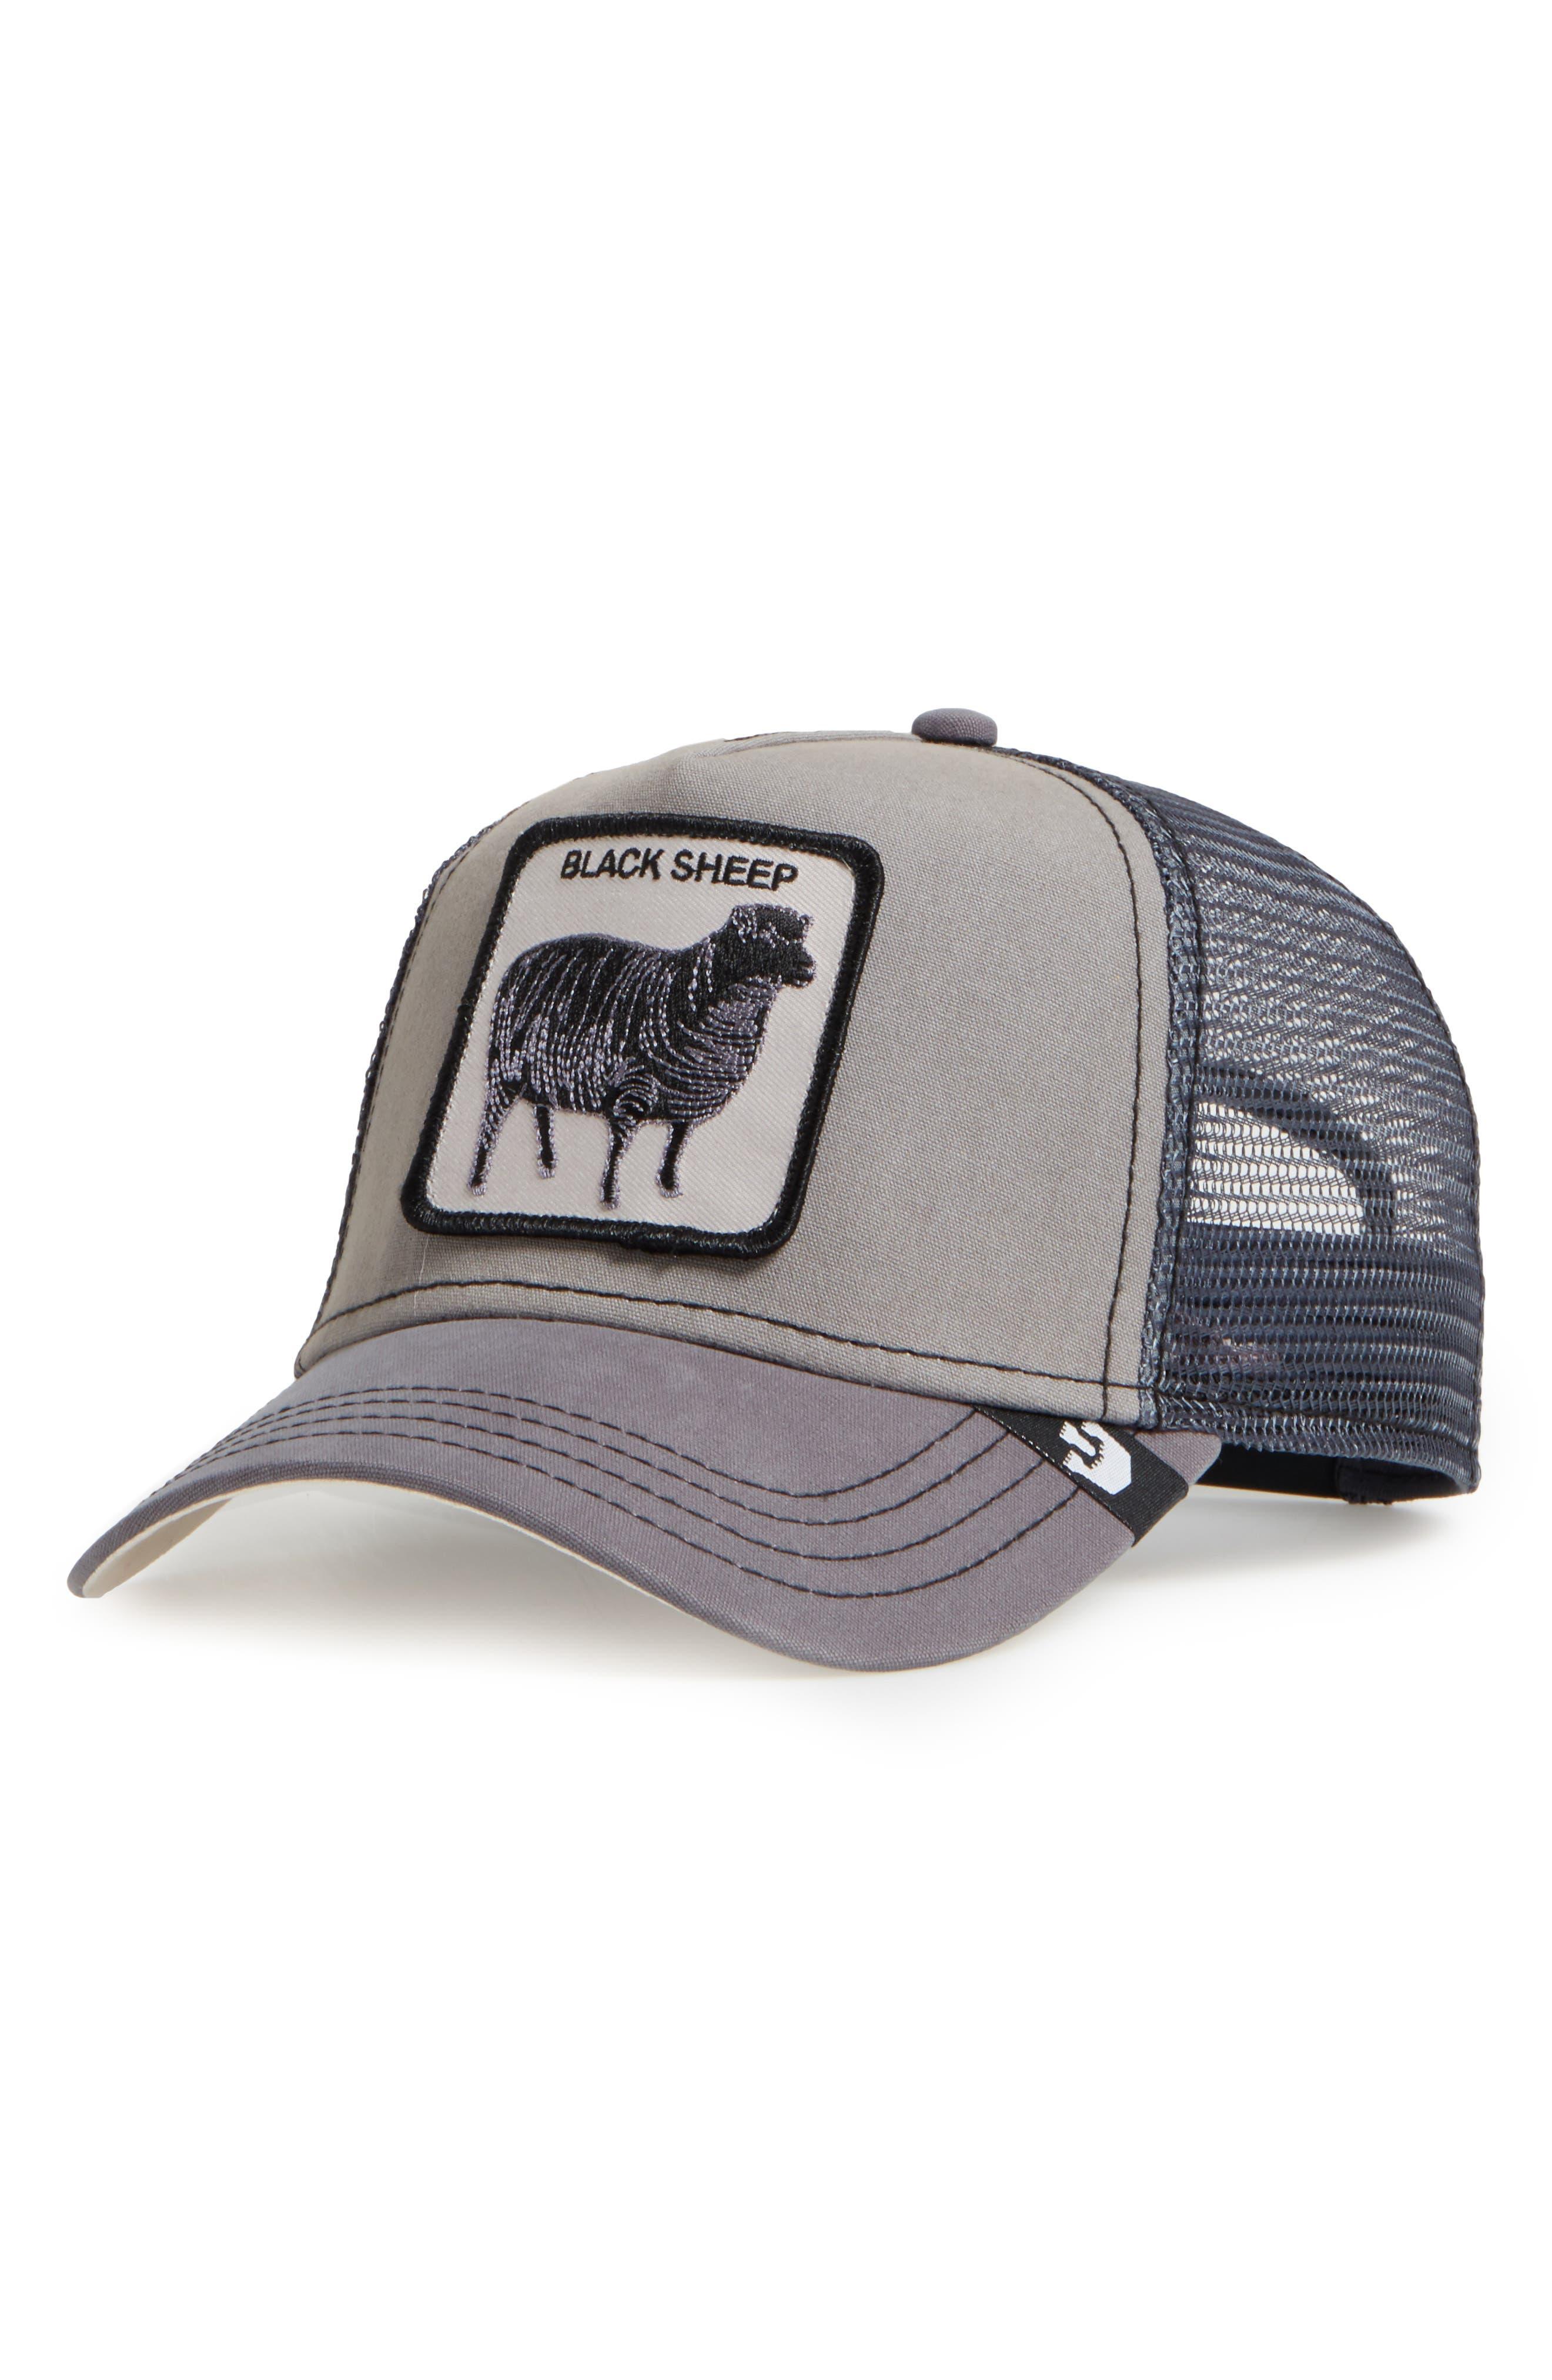 'Shades of Black' Mesh Trucker Hat,                             Main thumbnail 1, color,                             GREY